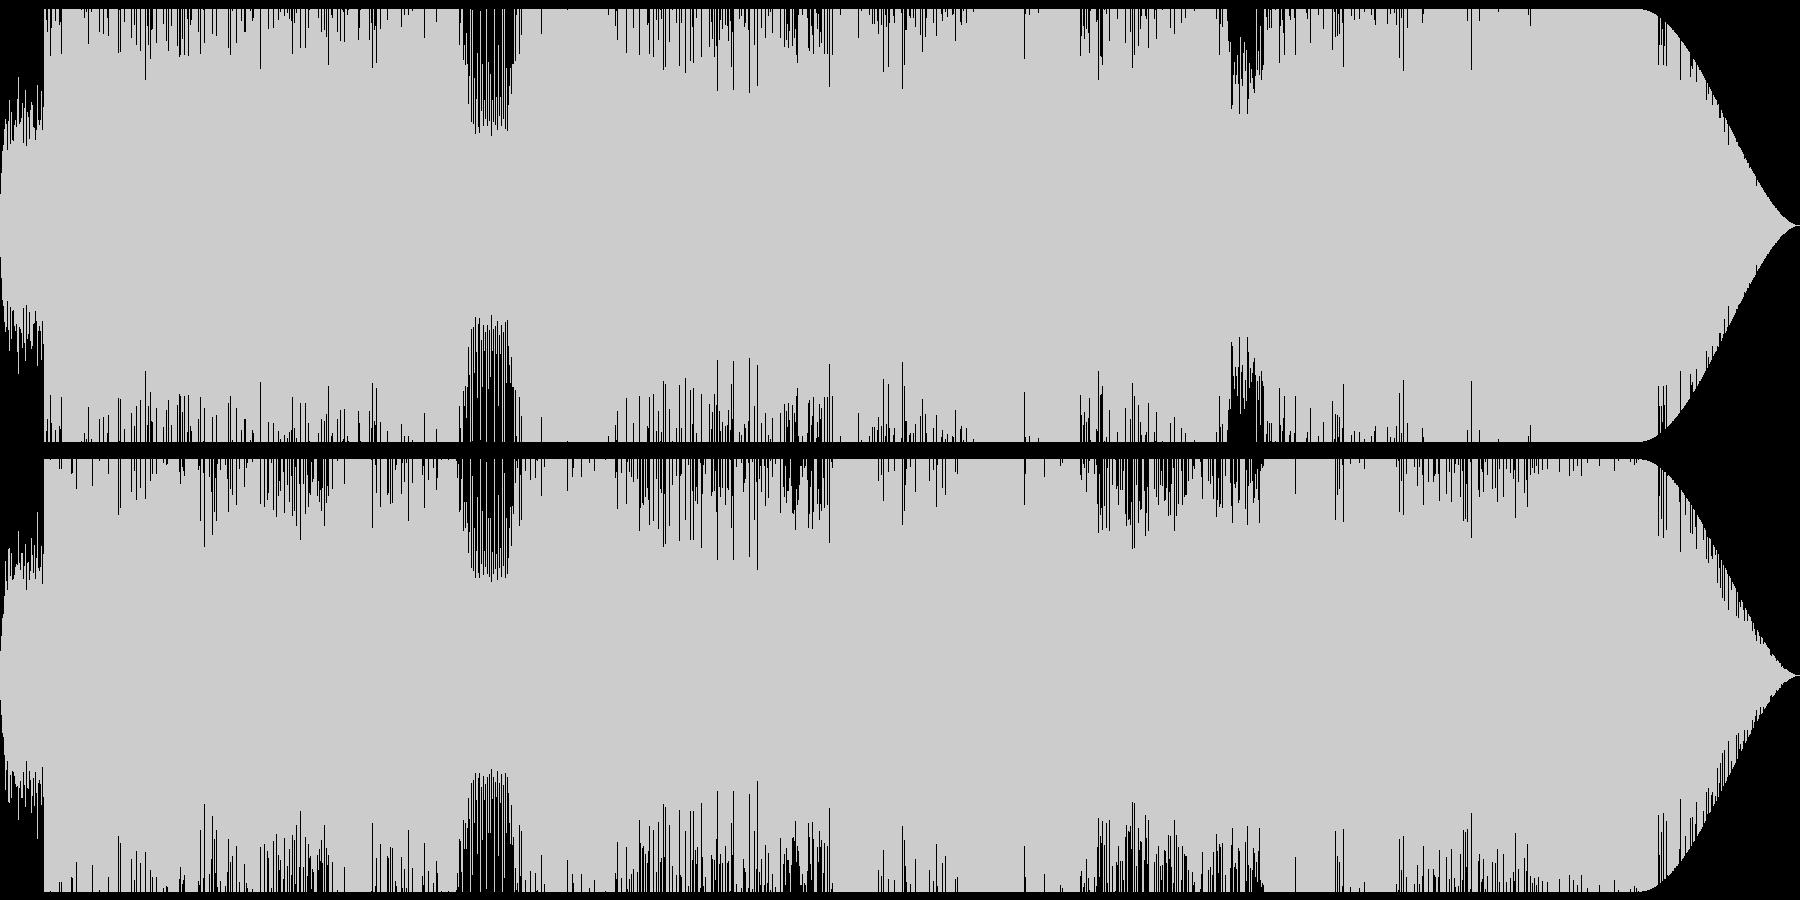 スピード感溢れるシーン用のハードロックの未再生の波形